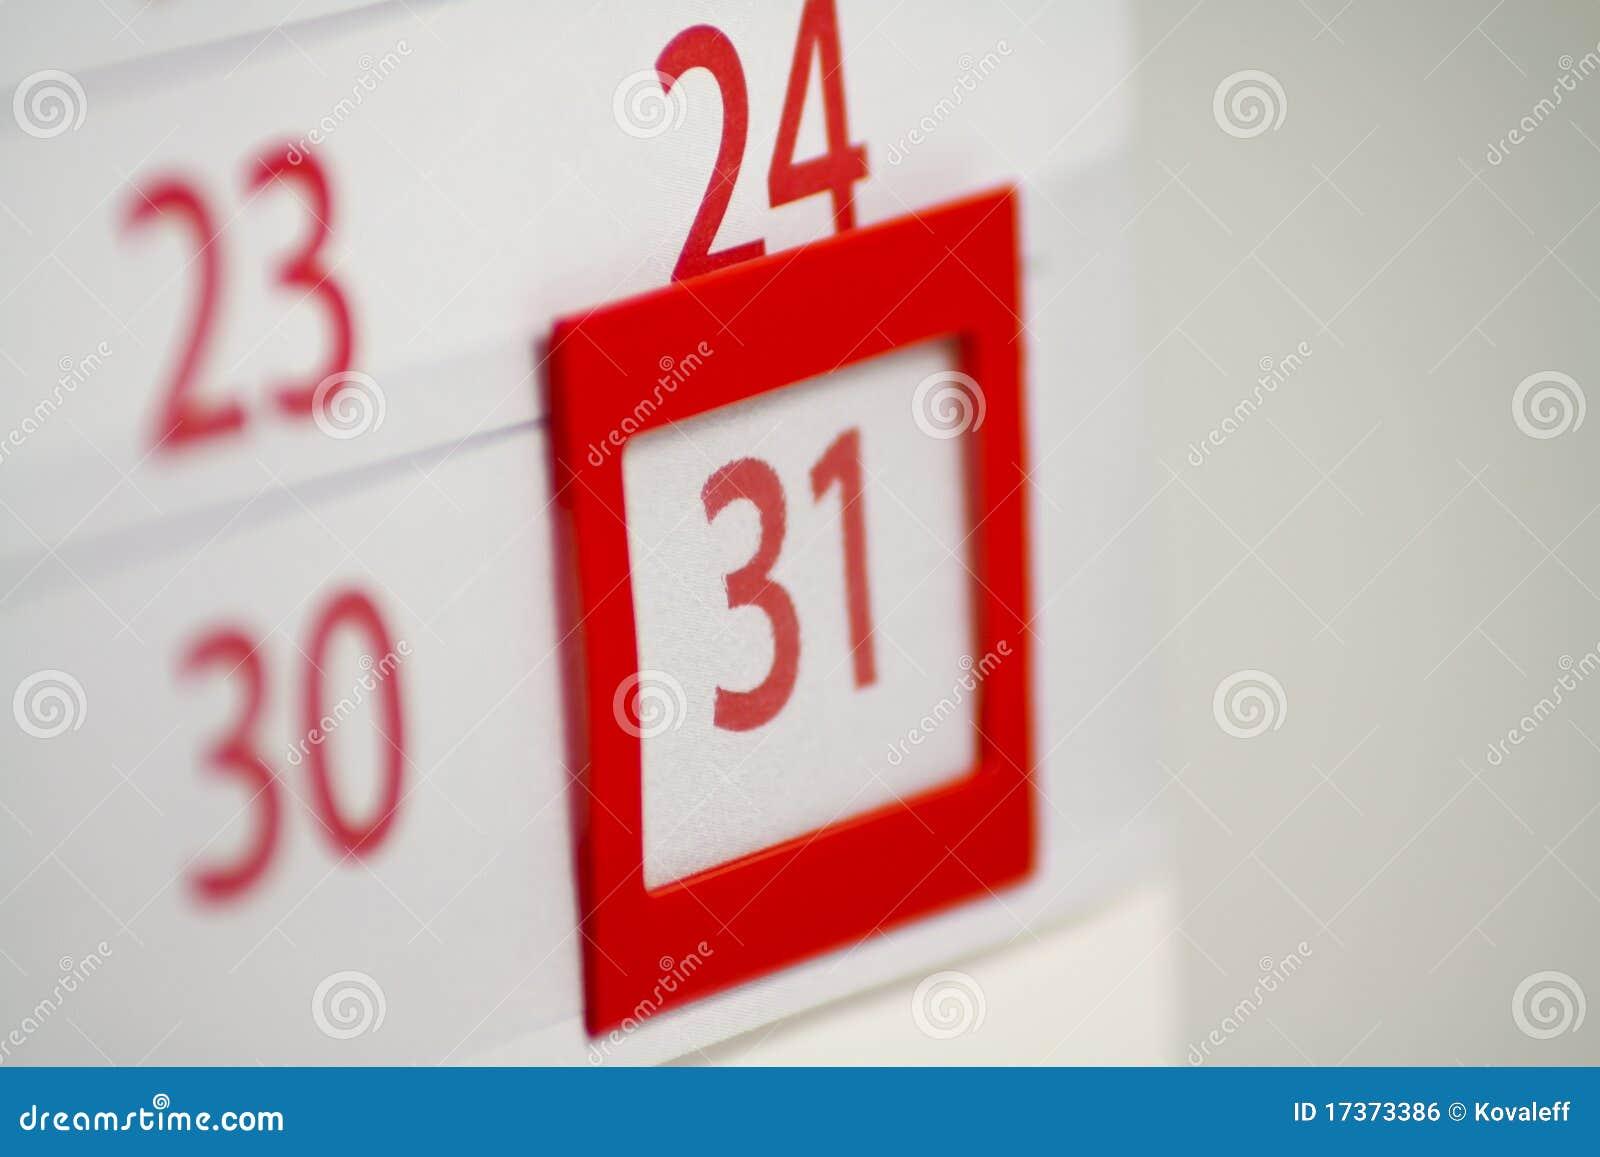 31 kalendarzowa ostrość